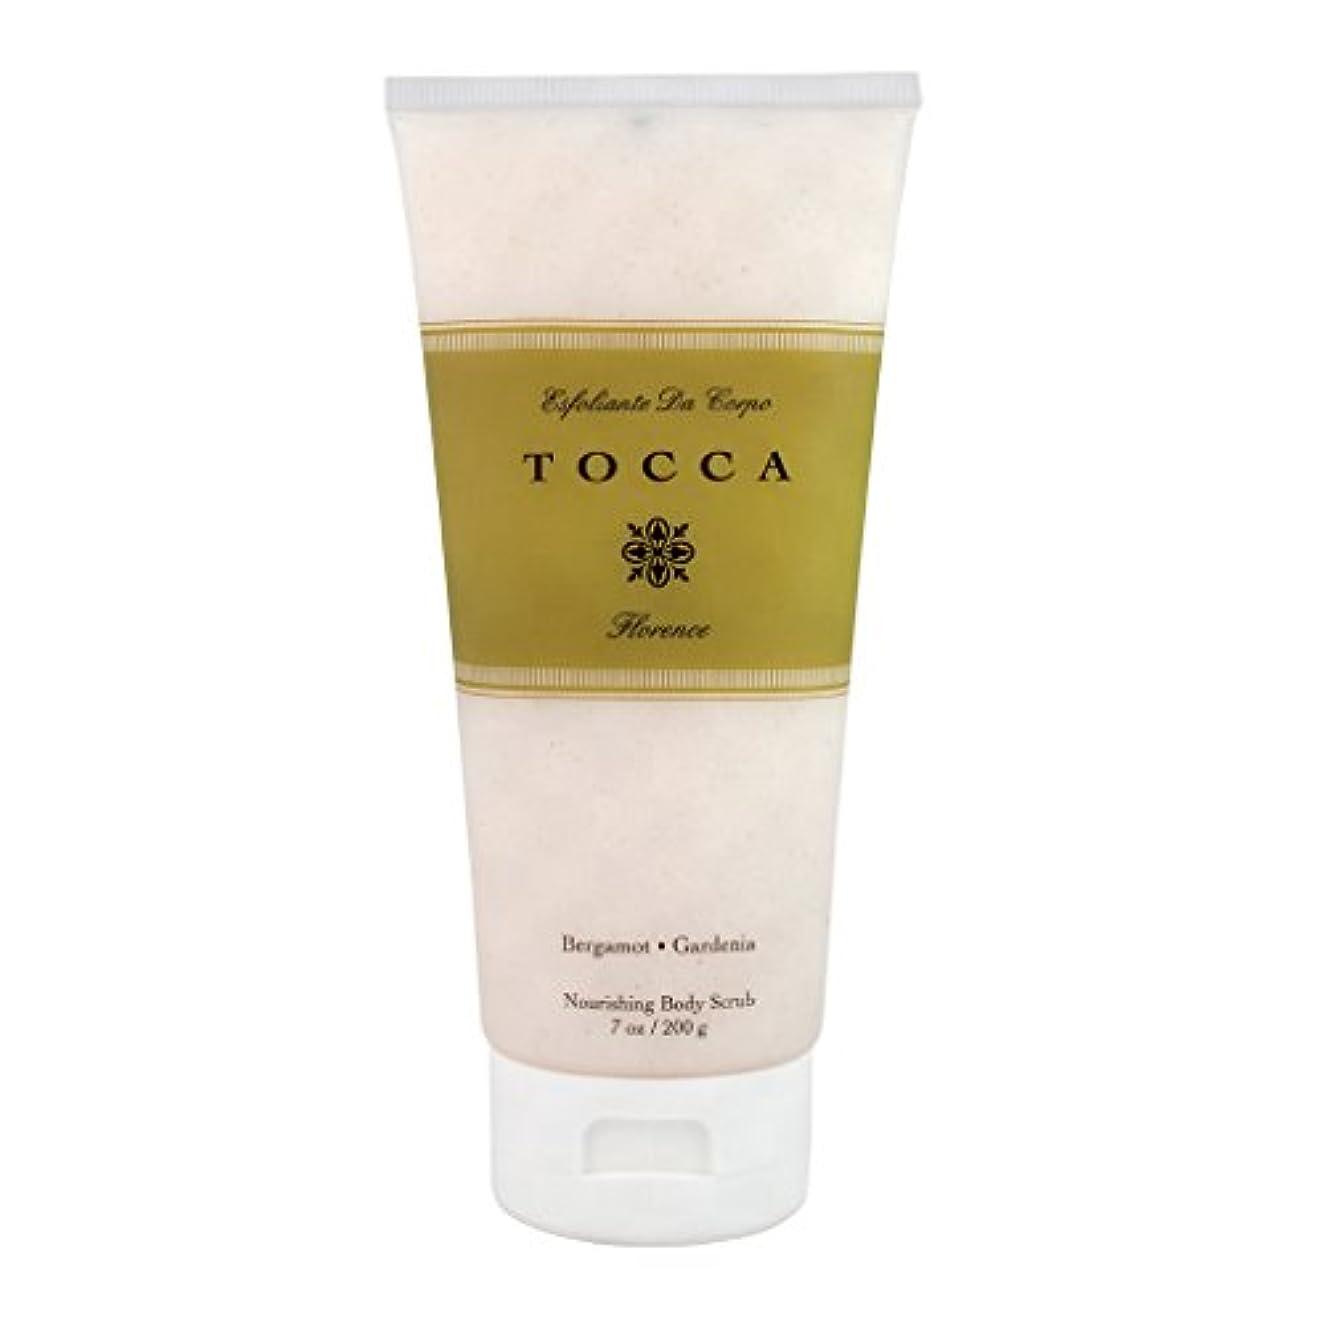 ハードウェアネックレスアヒルトッカ(TOCCA) ボディーケアスクラブ フローレンスの香り 200ml(全身?ボディー用マッサージ料 ガーデニアとベルガモットが誘うように溶け合うどこまでも上品なフローラルの香り)